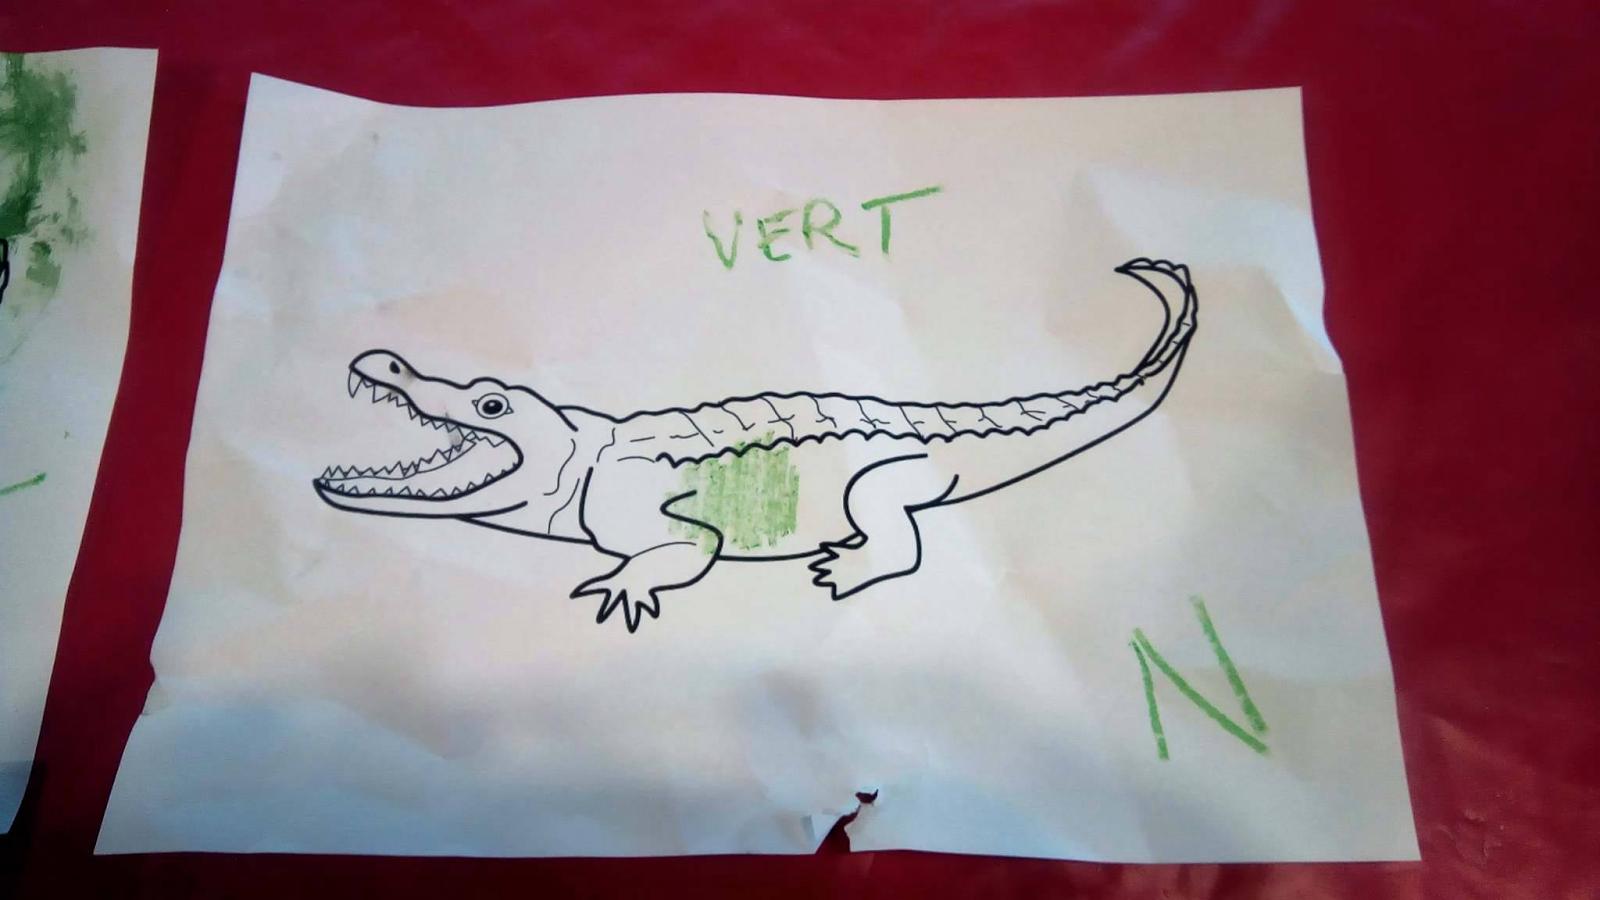 nounou pascale  quelle est la couleur du crocodile